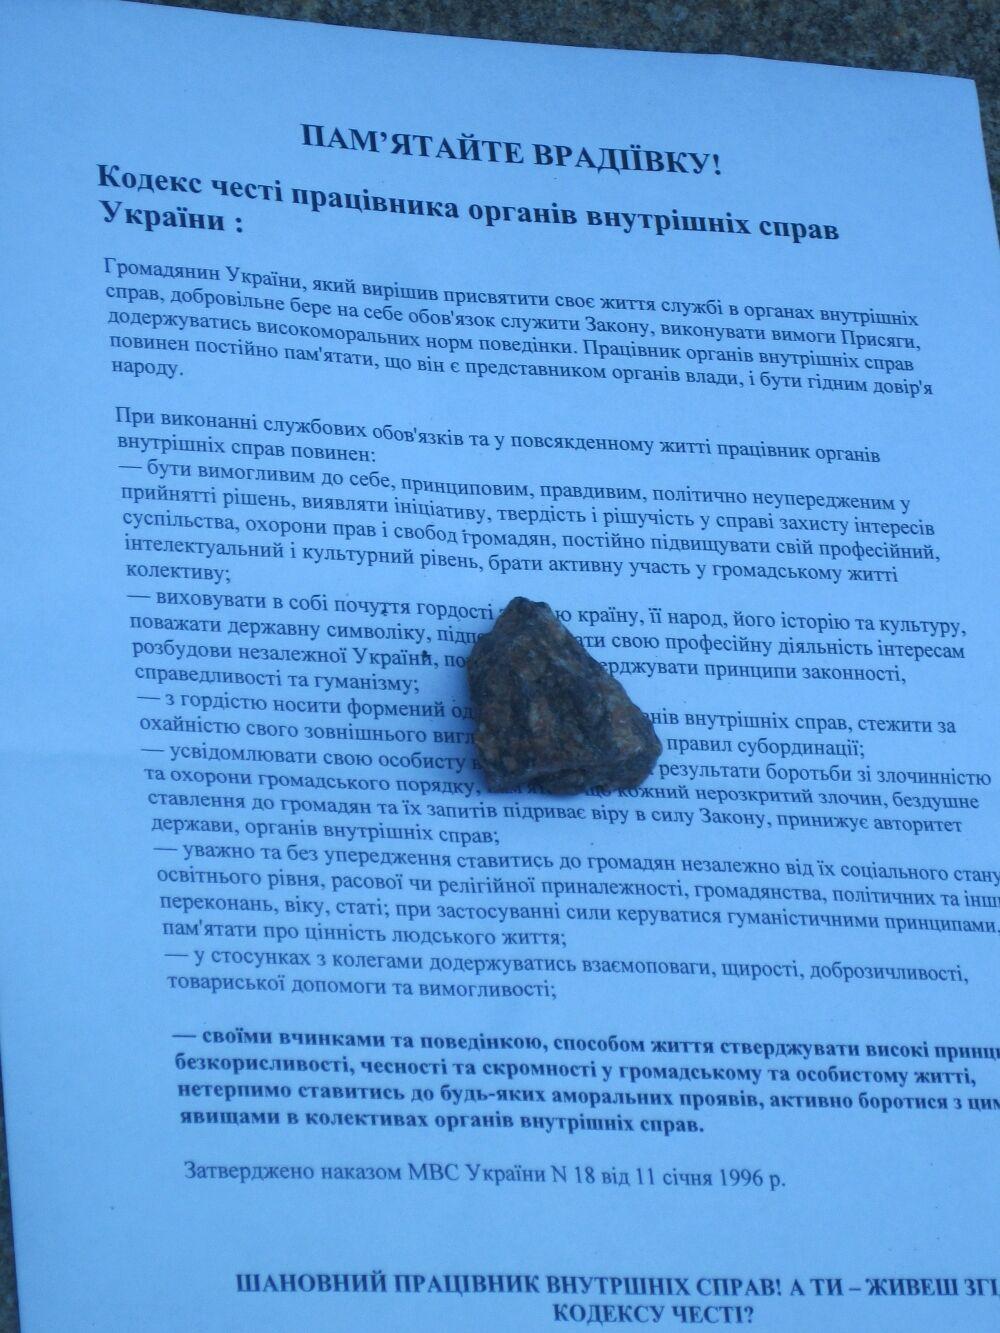 Черкащане камнями призвали милицию помнить о Врадиевке